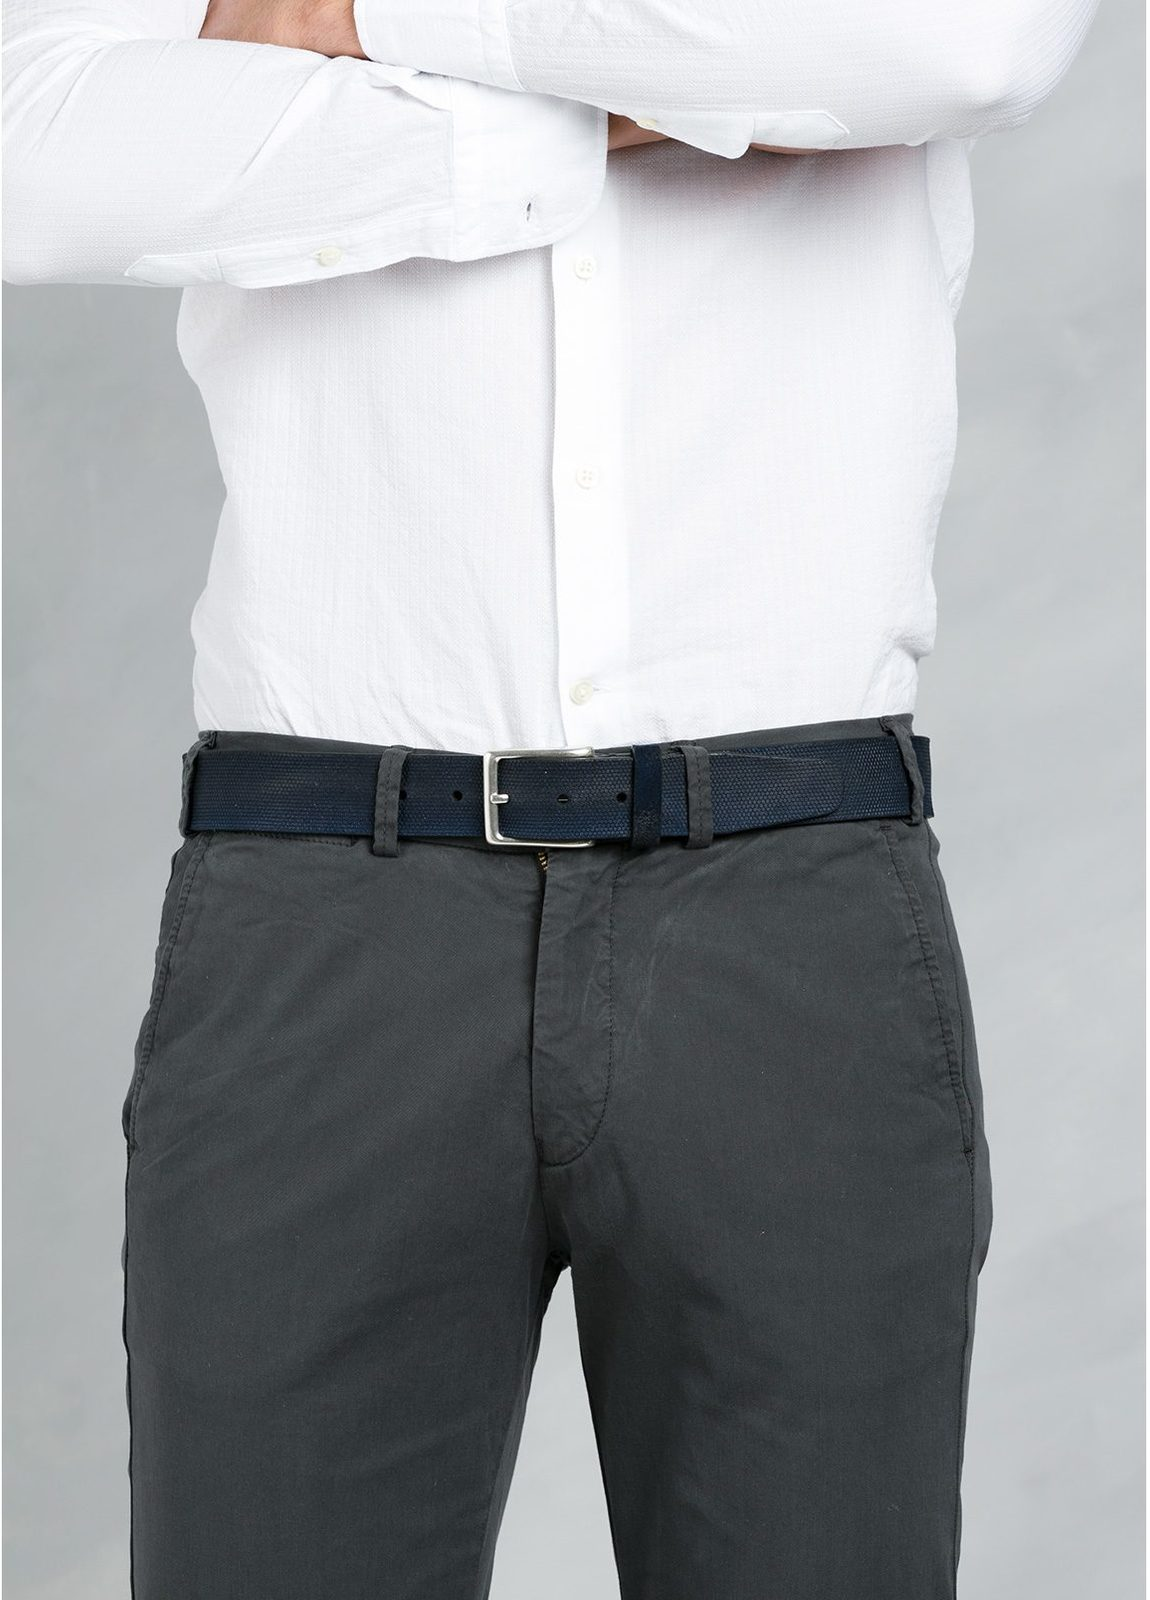 Cinturón Sport piel grabada color azul marino, 100% Piel. - Ítem2